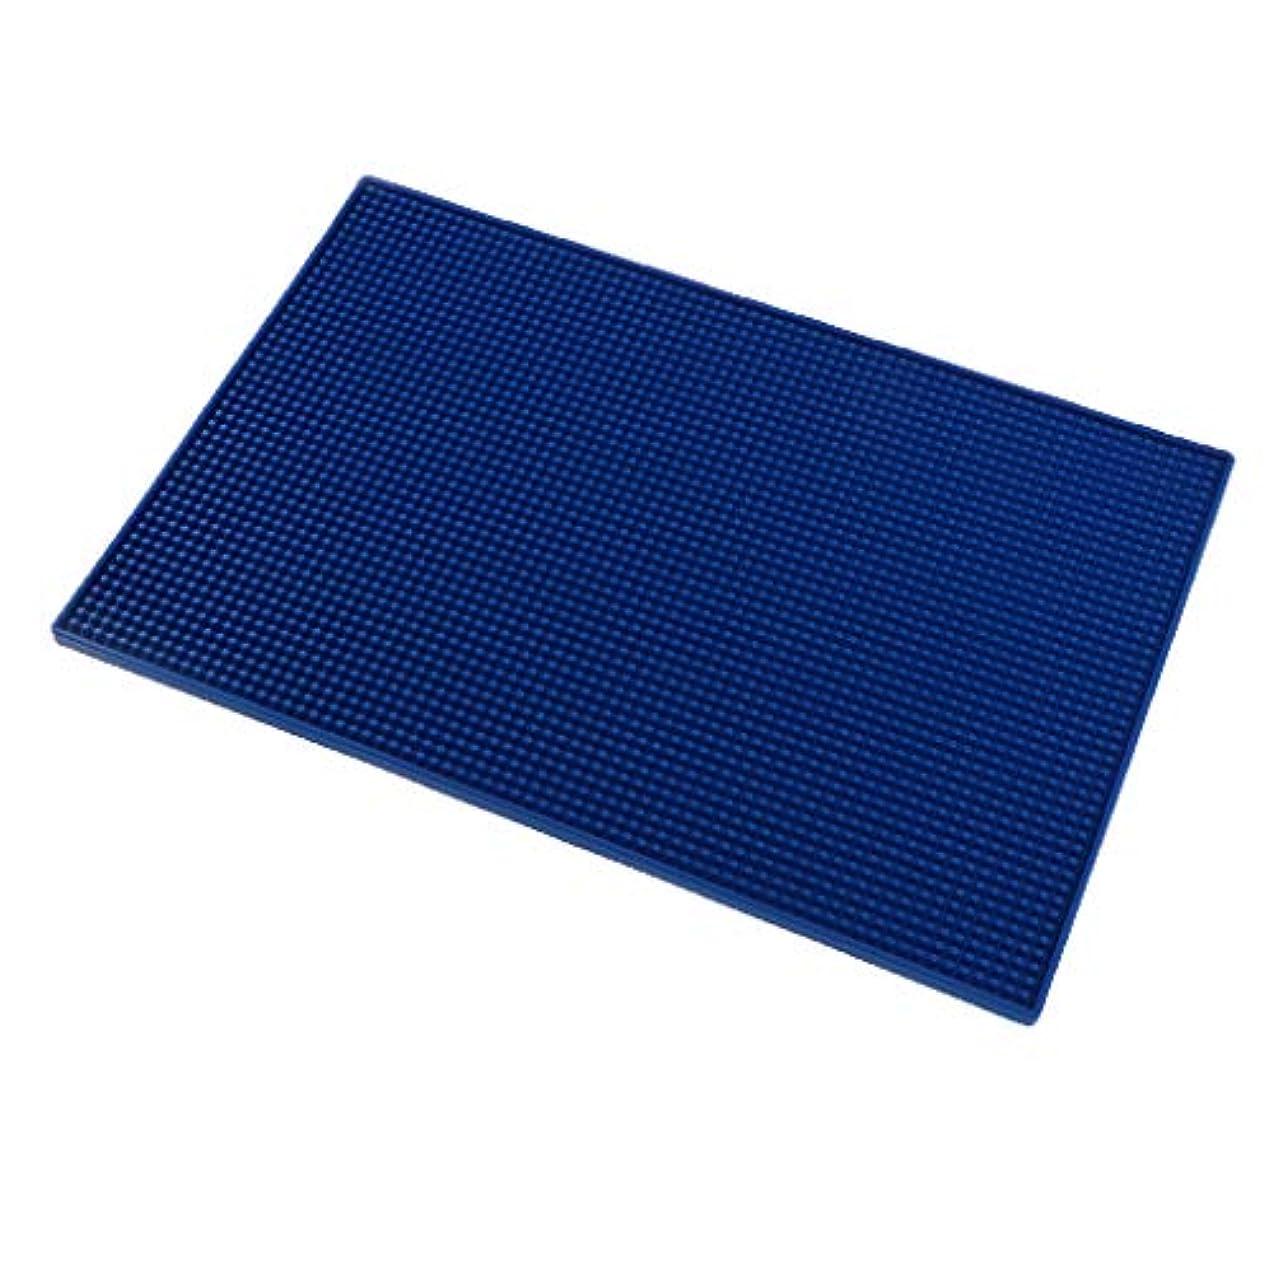 オーナー混沌疎外するクッション シリコンマット ネイルアート ハンドレスト マニキュアツール 全3色 - 濃紺